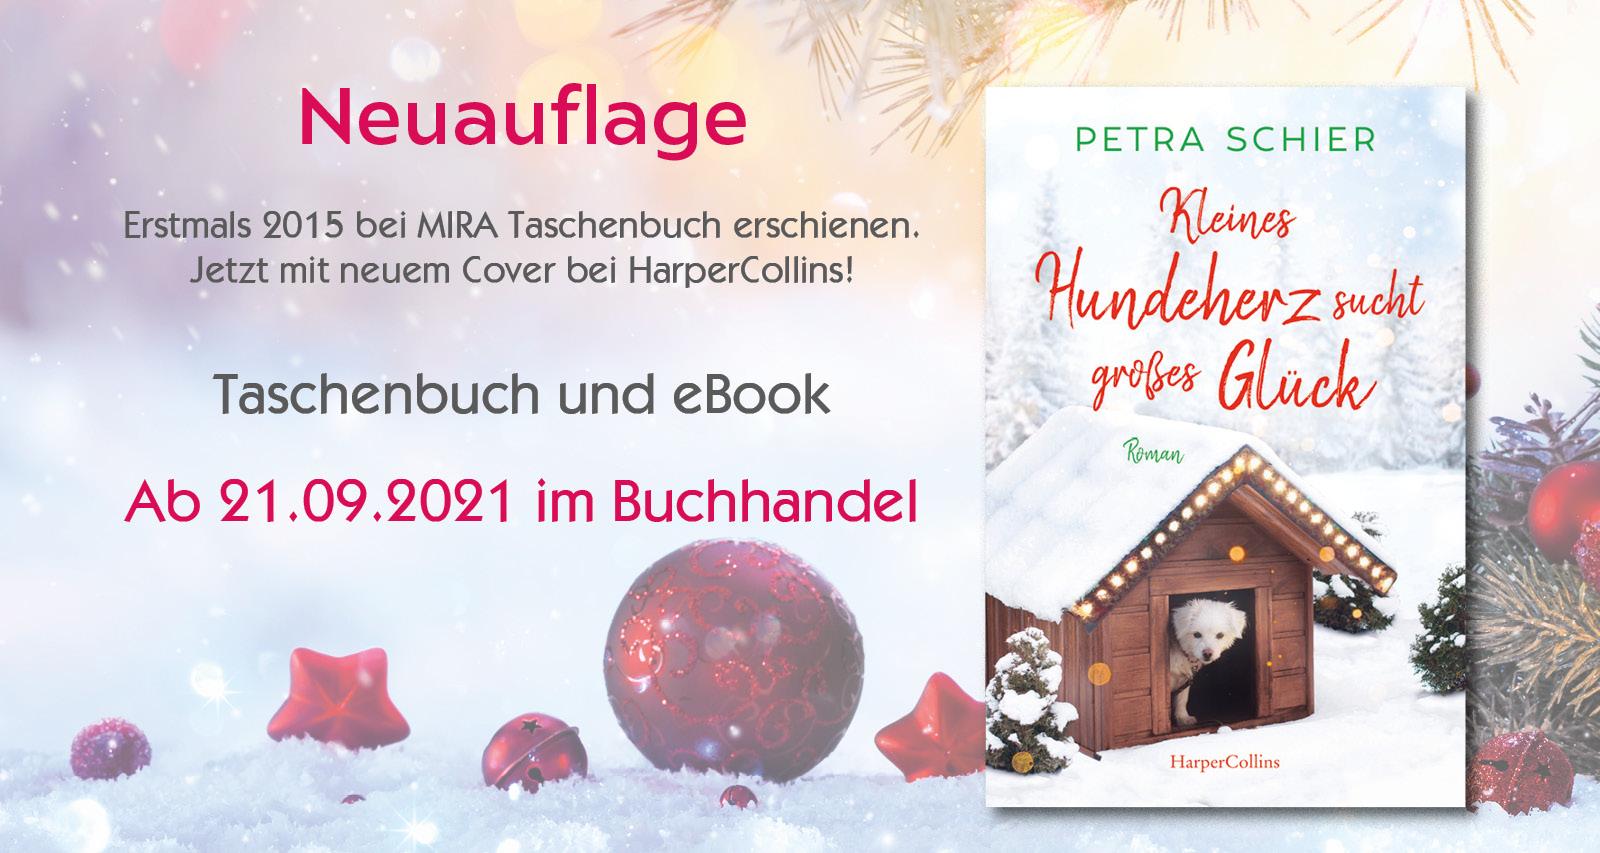 Neuauflage für ein zauberhaft romantisches Weihnachtsbuch